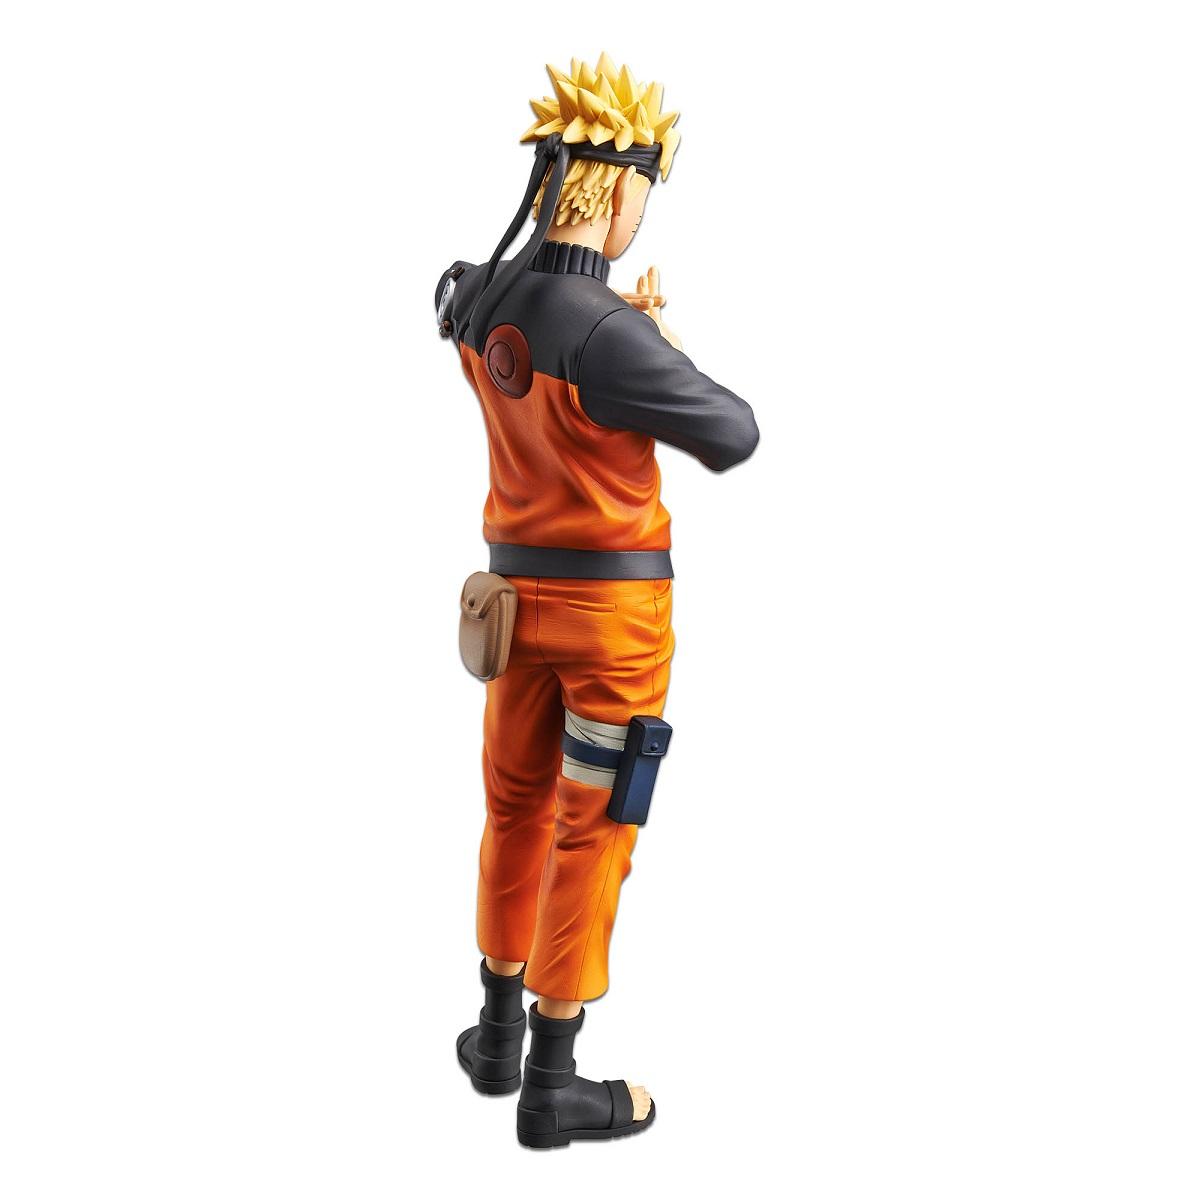 Naruto Uzumaki Naruto Shippuden Grandista Nero Prize Figure